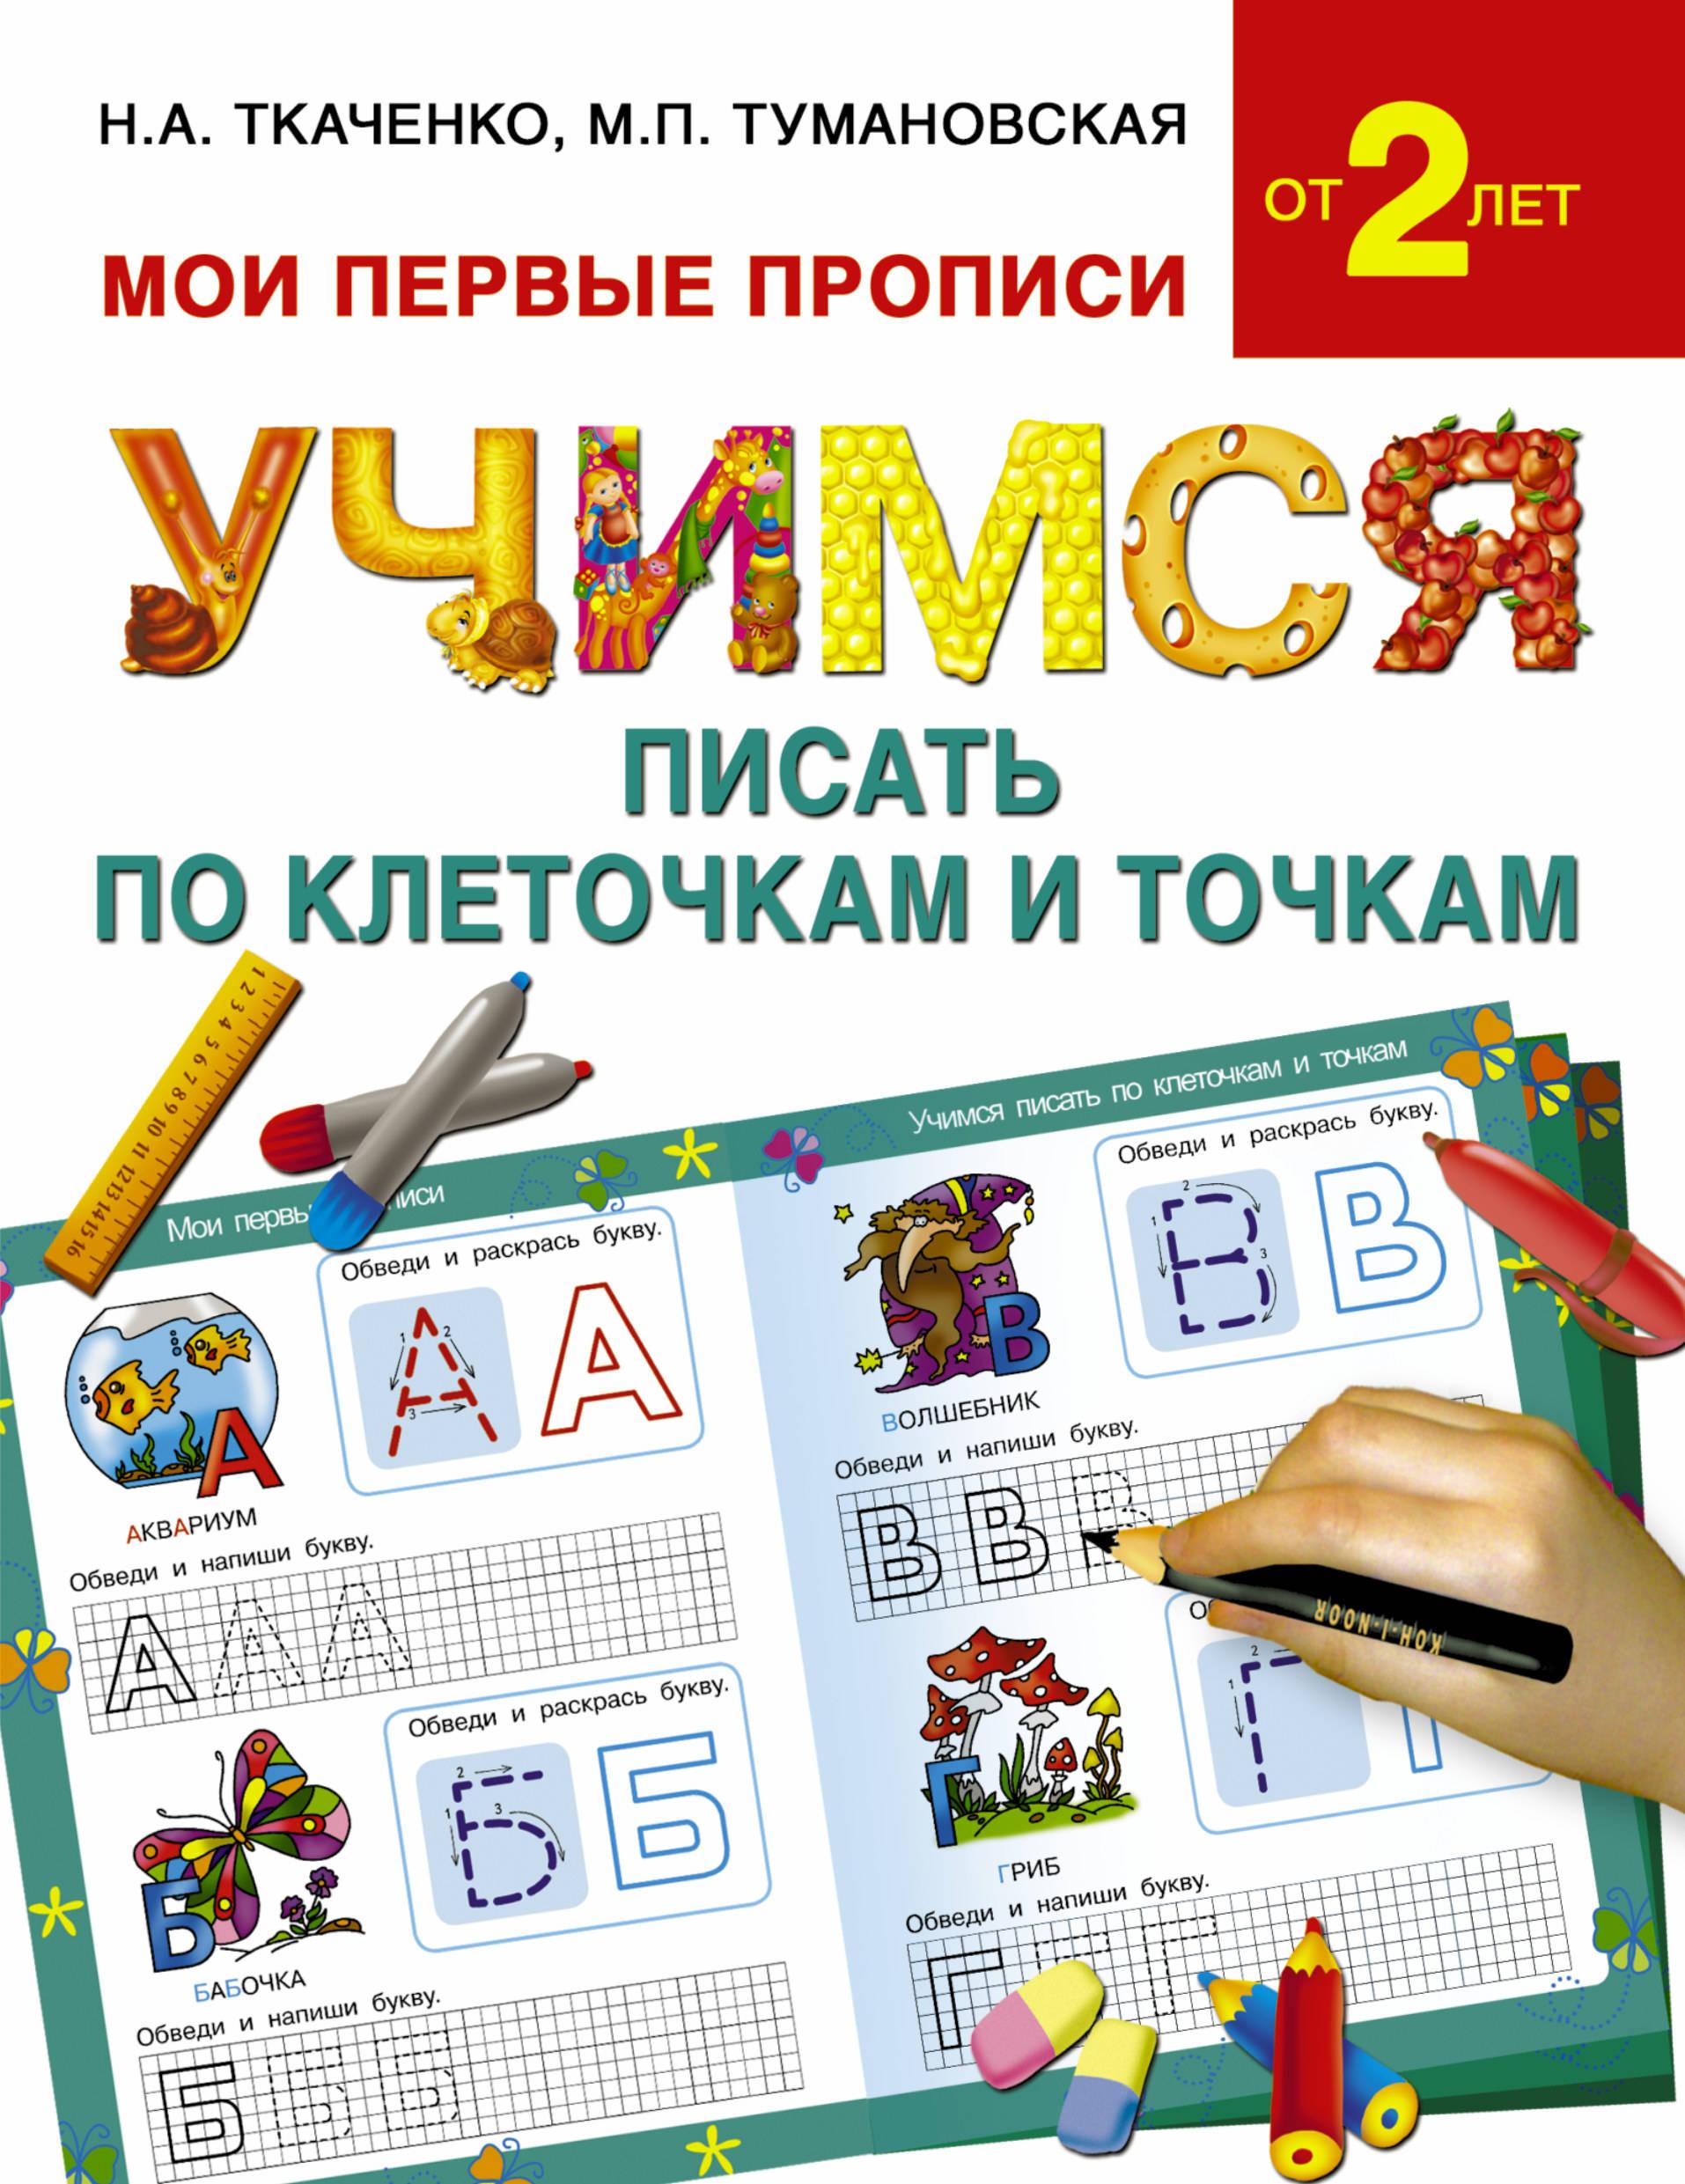 Купить Учимся писать по клеточкам и точкам, АСТ, Книги по обучению и развитию детей